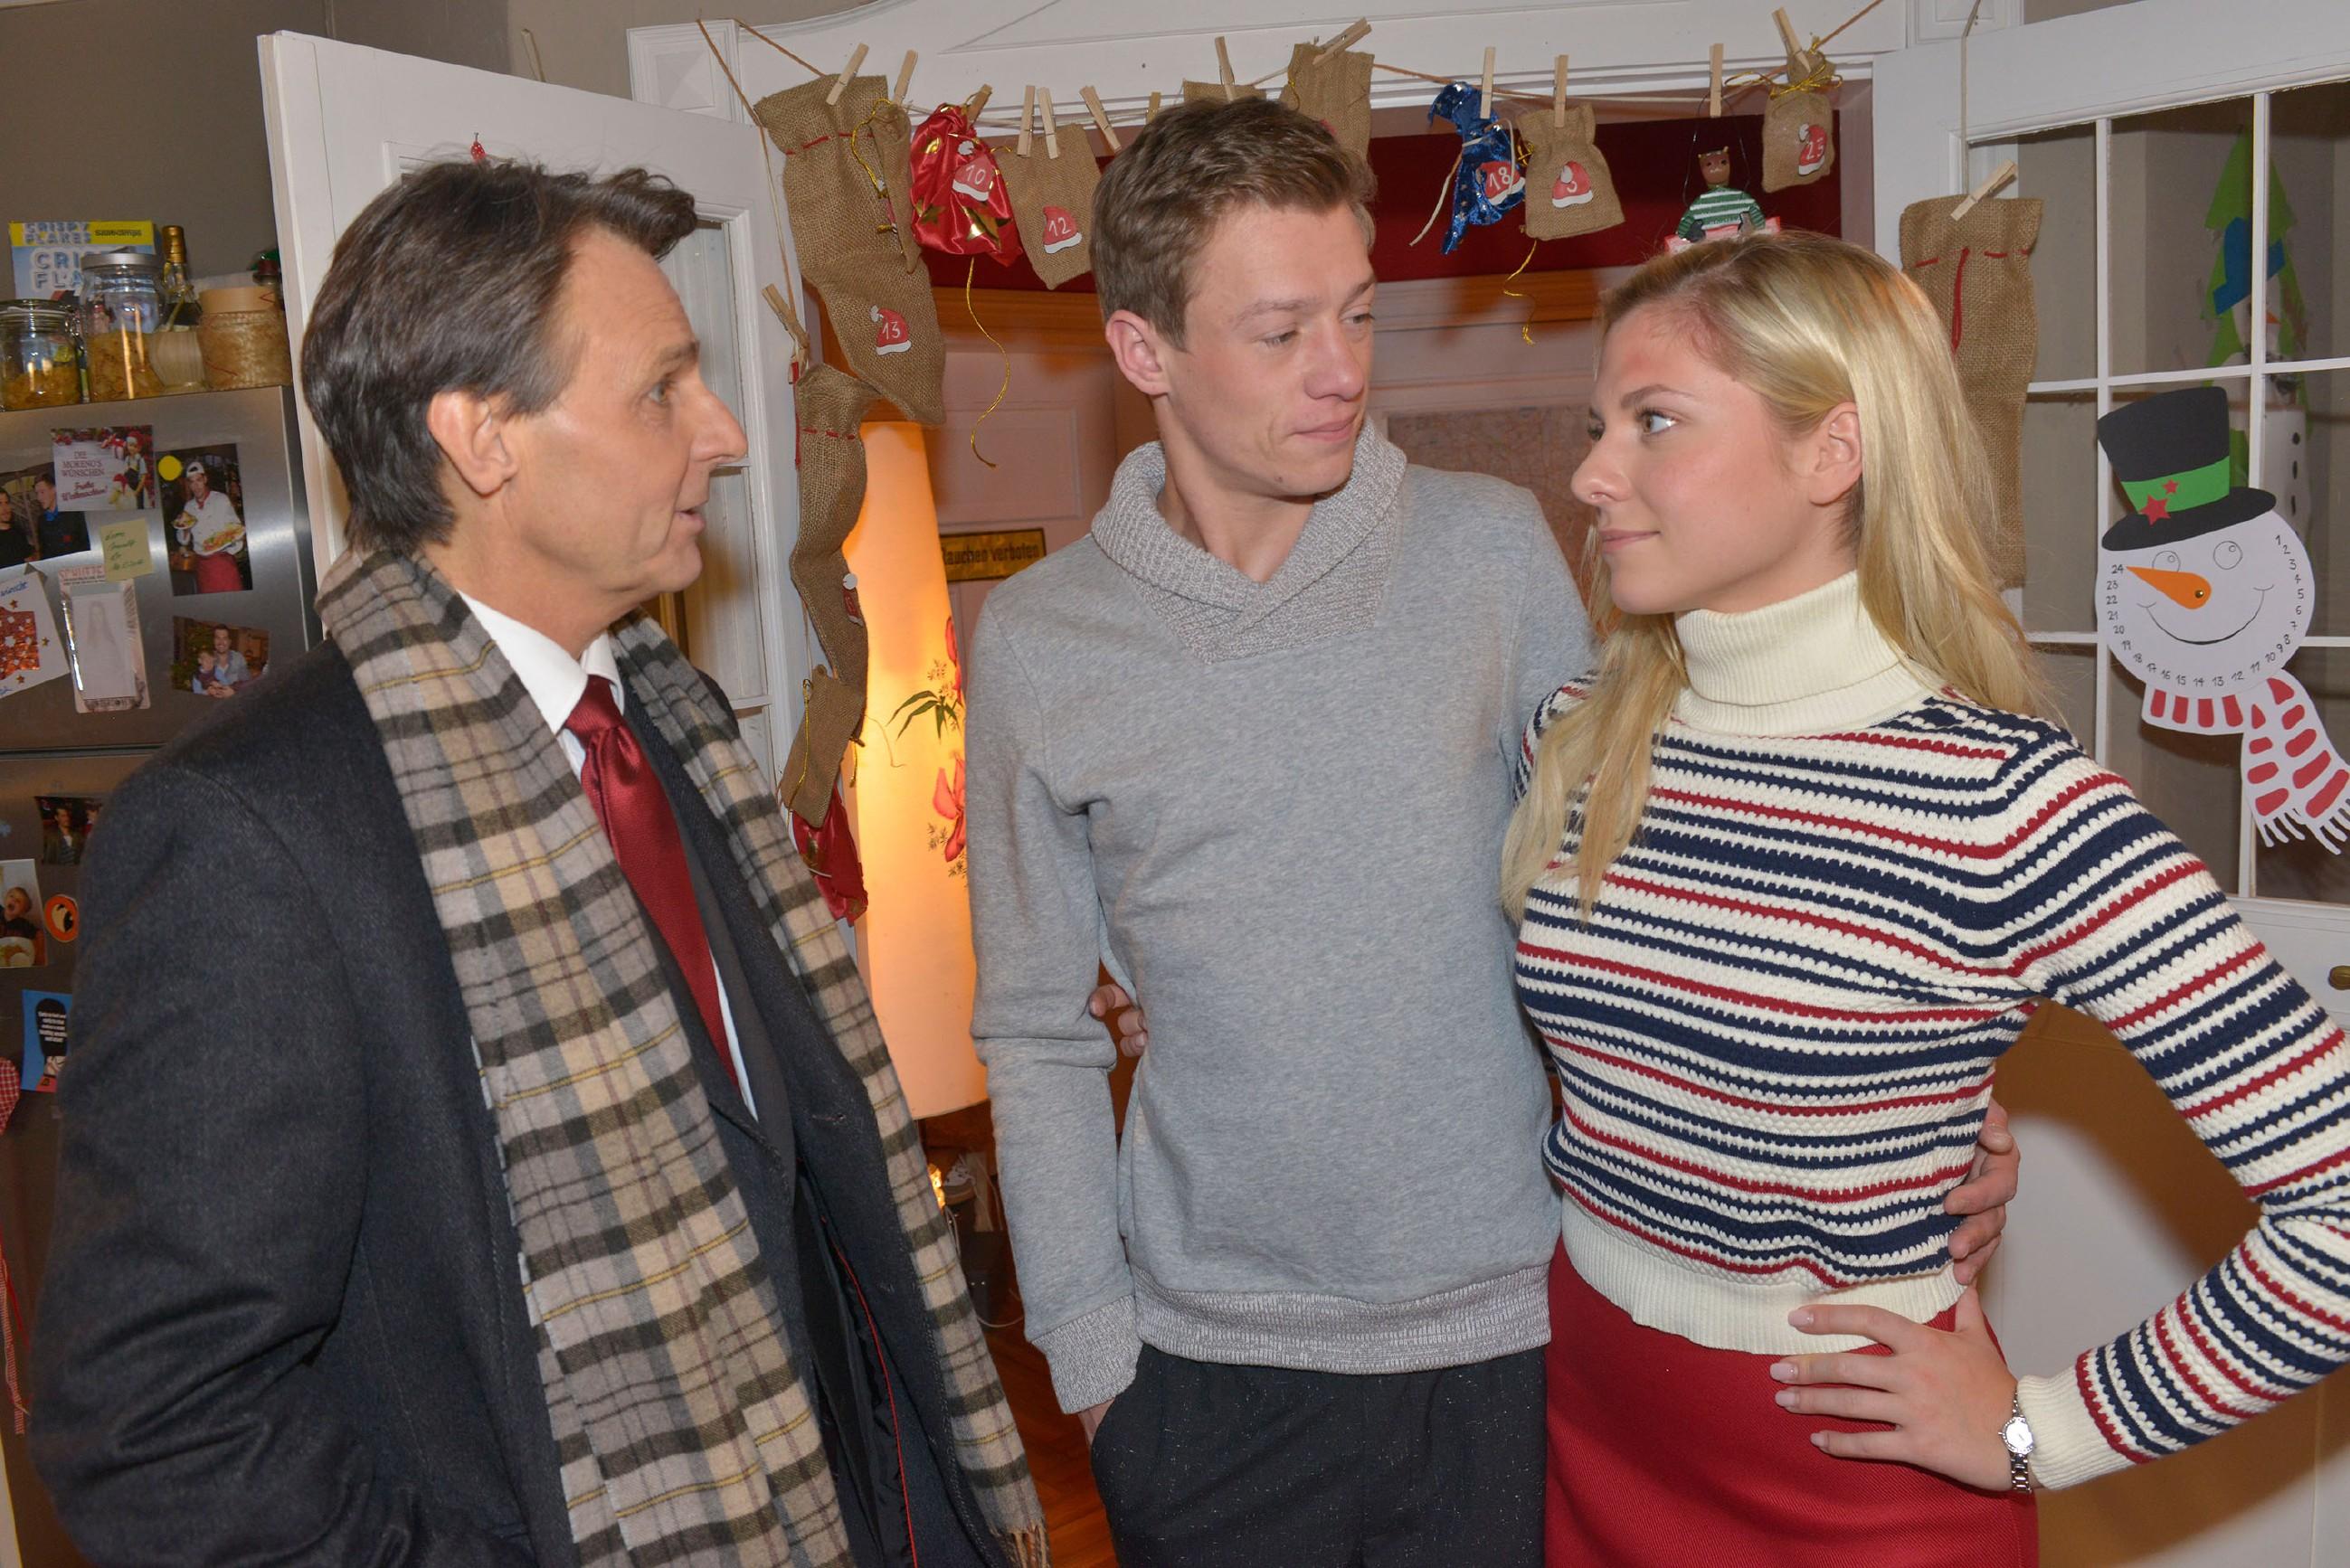 Gerner (Wolfgang Bahro, l.) möchte mit Vince (Vincent Krüger) und Sunny (Valentina Pahde) Weihnachten feiern.